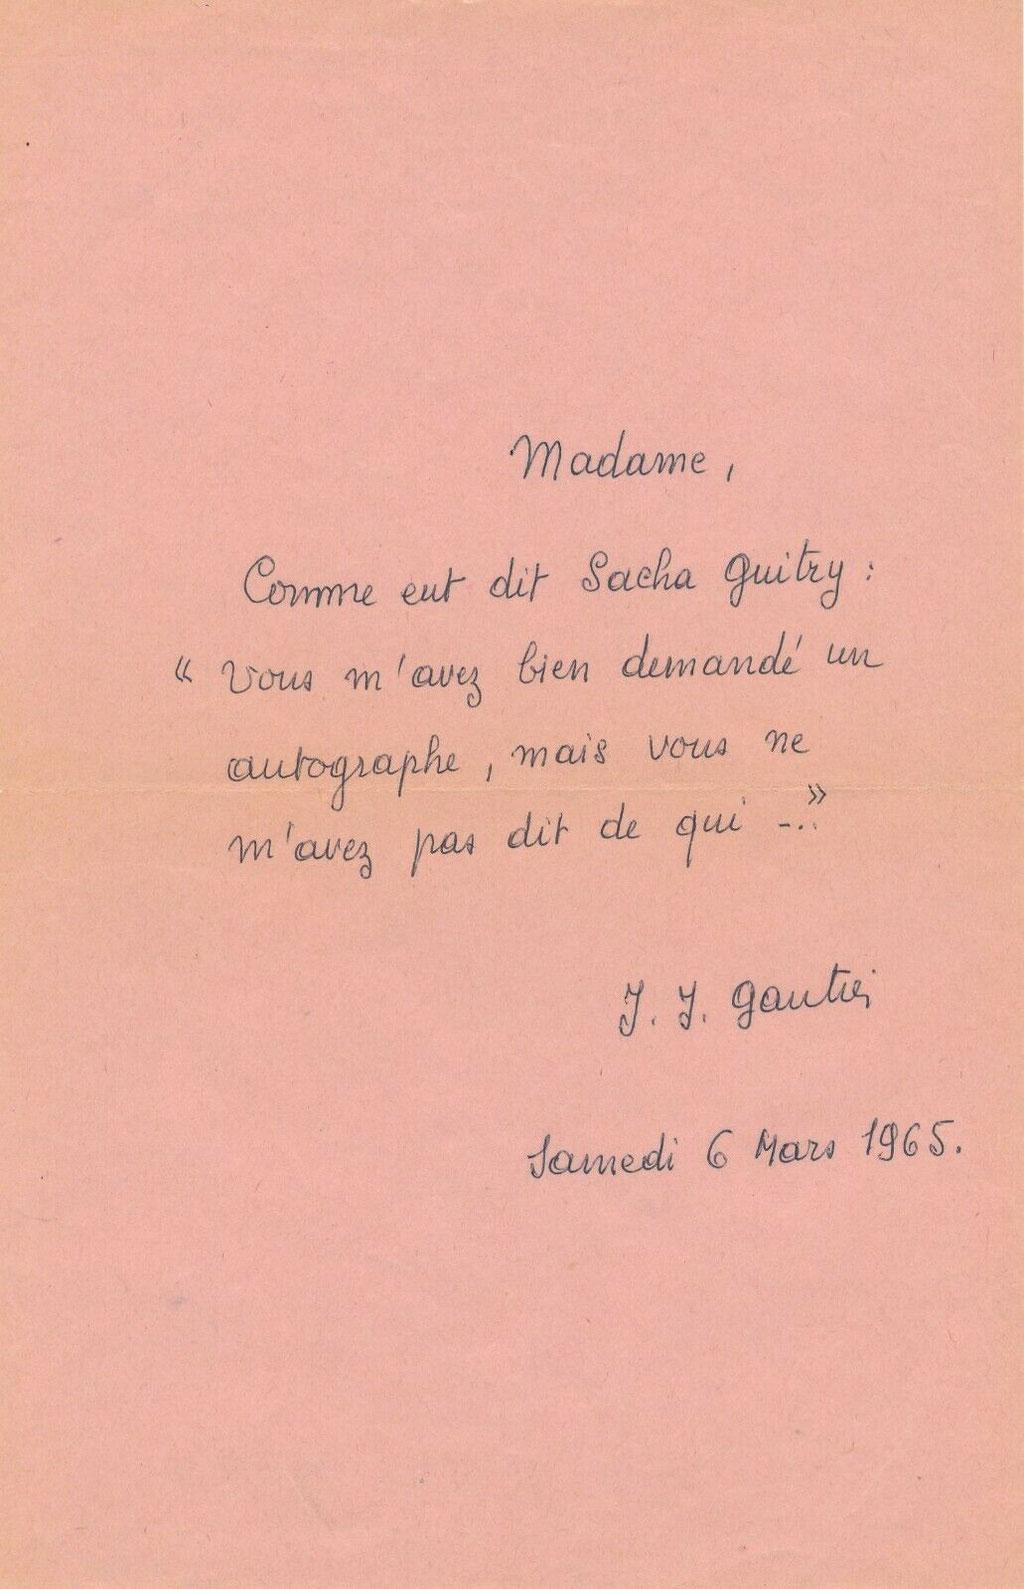 Jean Jacques Gautier lettre autographe signée